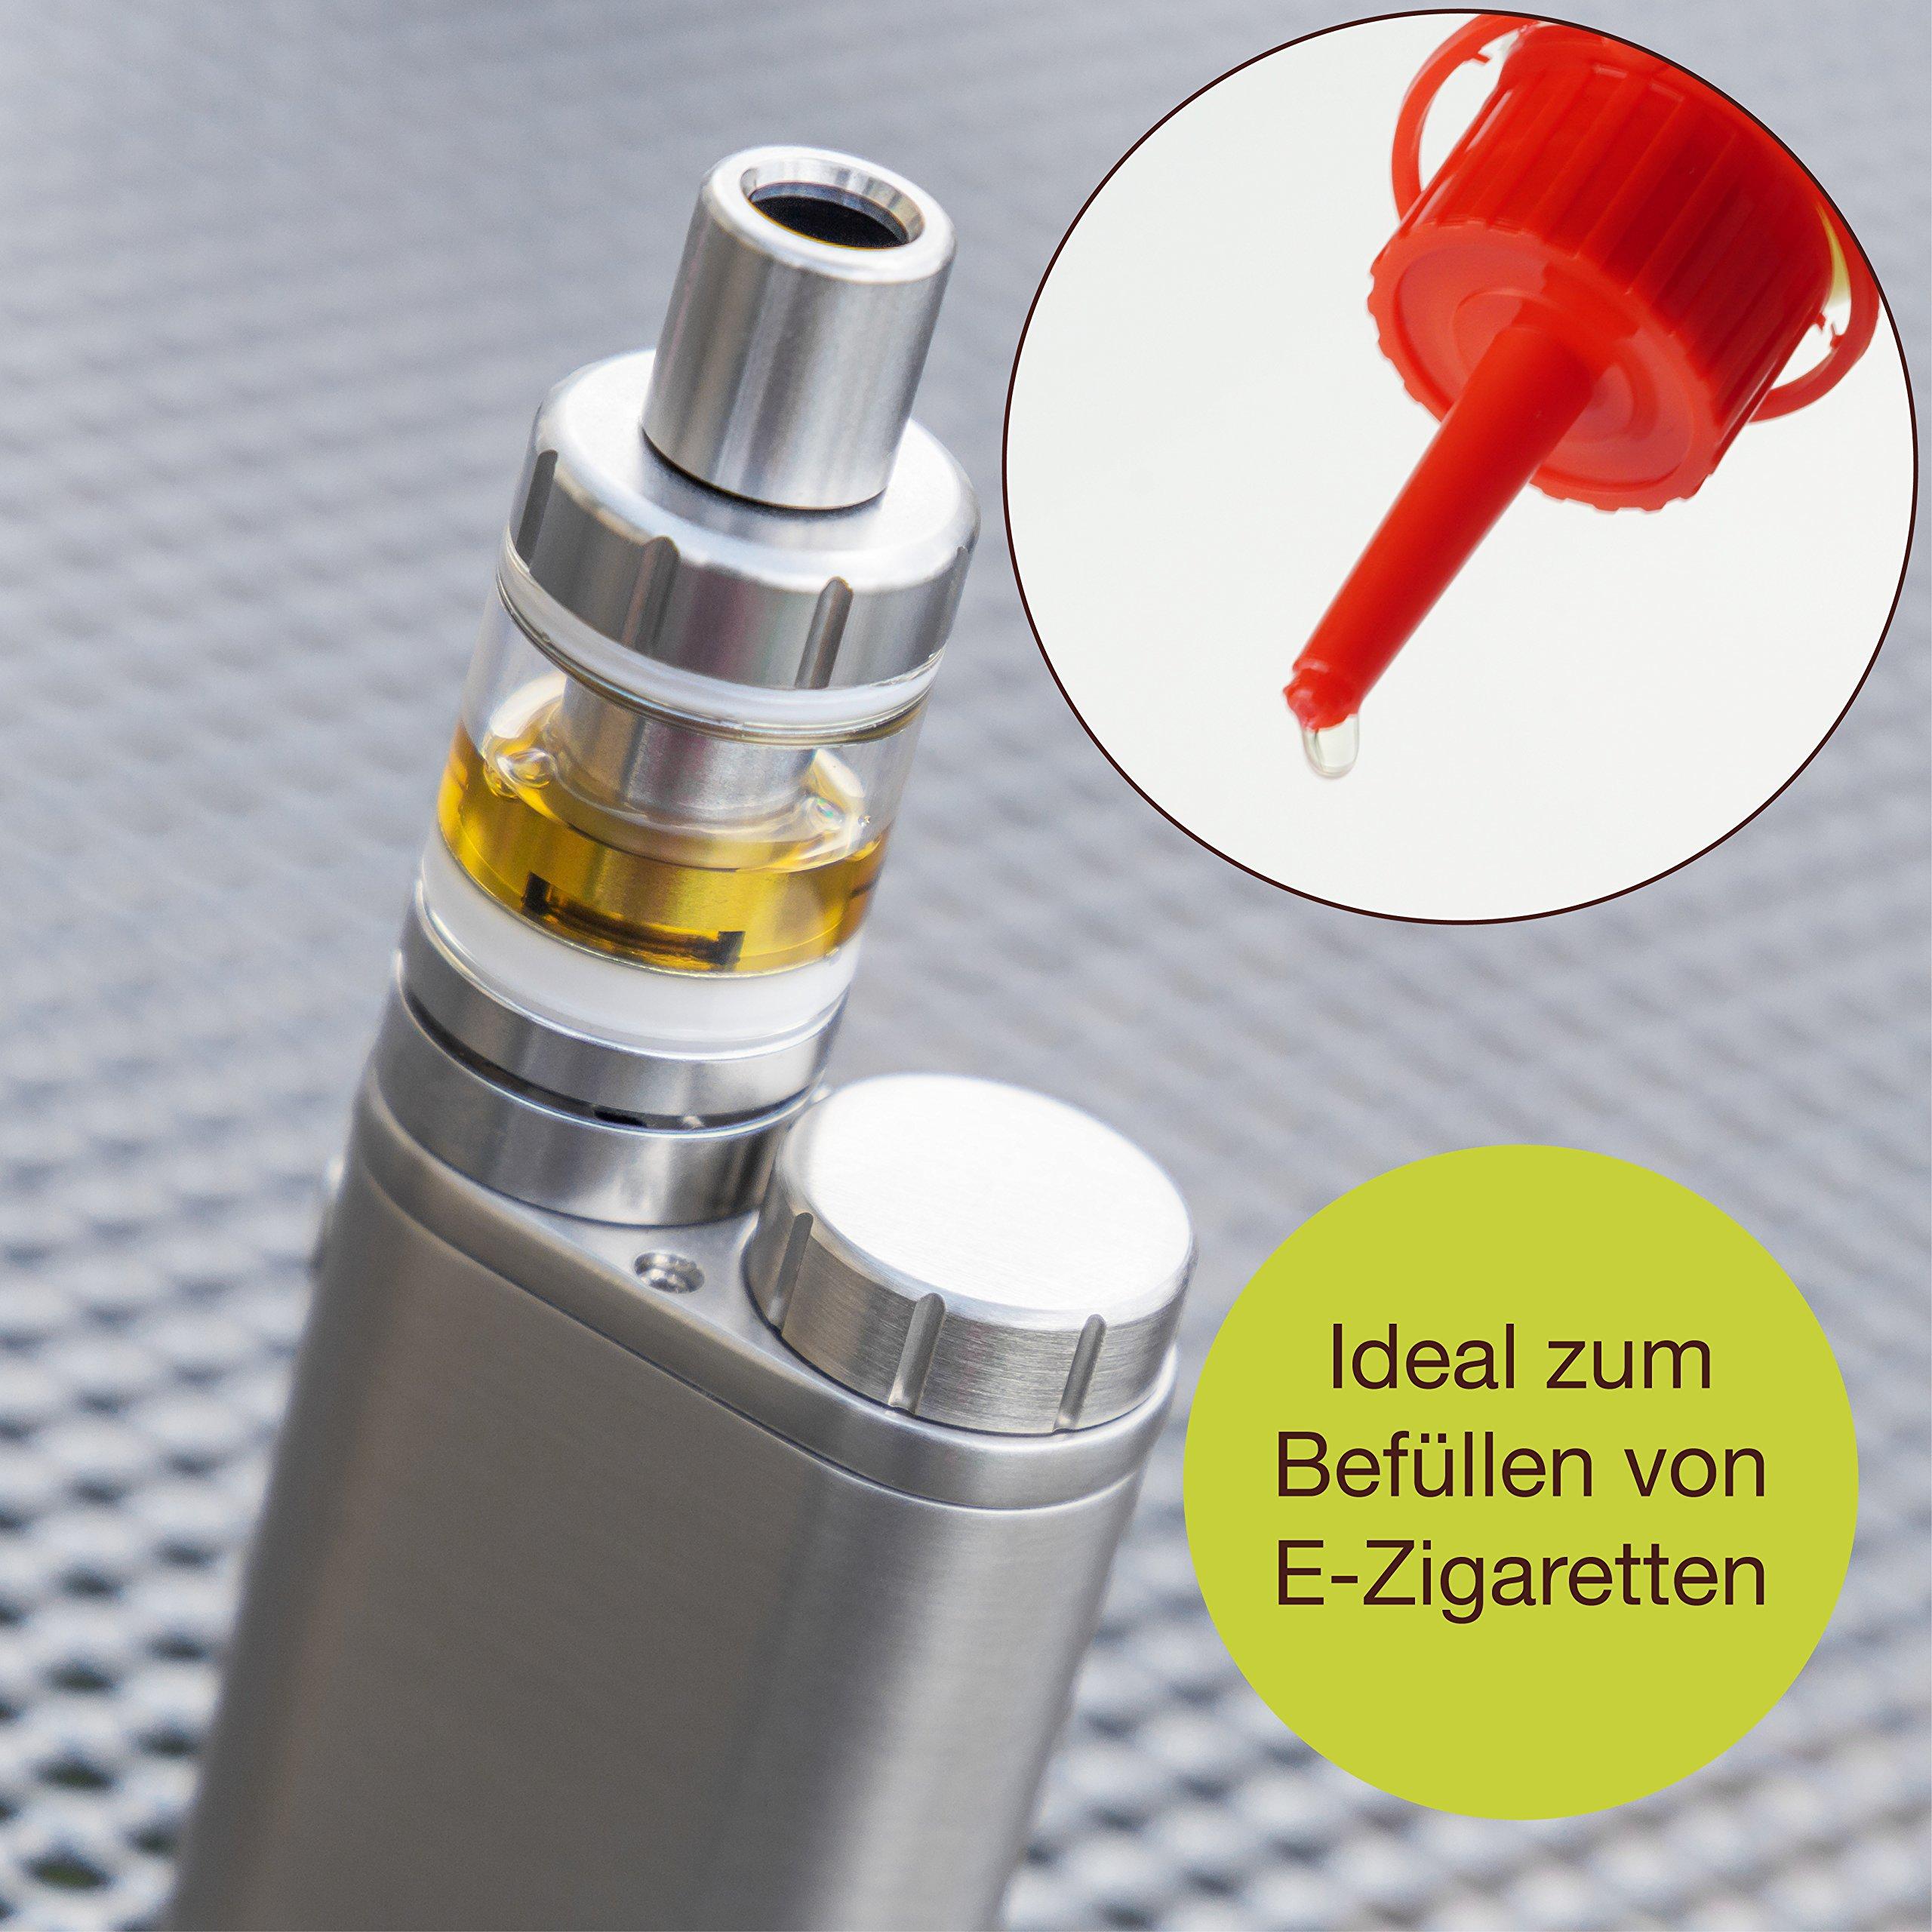 ProfessionalTree® Botellas para líquido con sistema de goteo 12x100 ml. Con embudo de medición - 12 etiquetas - Para conservar líquidos - Seguro para niños - Calidad LDPE